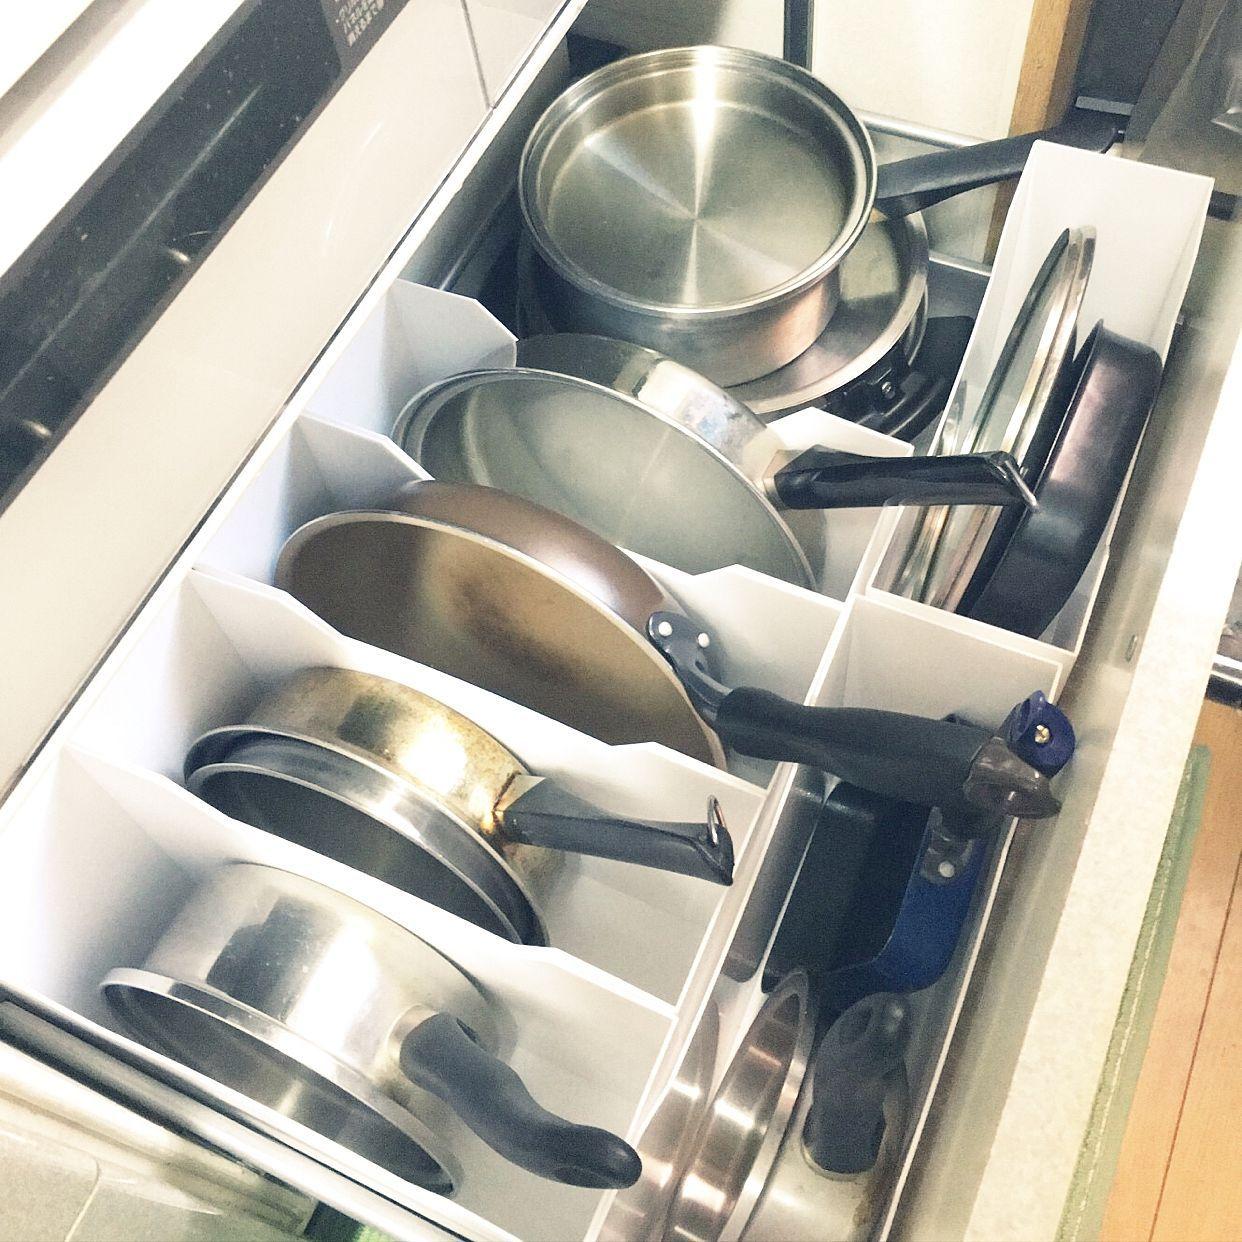 キッチン 収納 ニトリのインテリア実例 2017 01 21 09 31 52 Roomclip ルームクリップ ニトリ 収納 キッチン 台所の引き出し キッチン 収納 引き出し